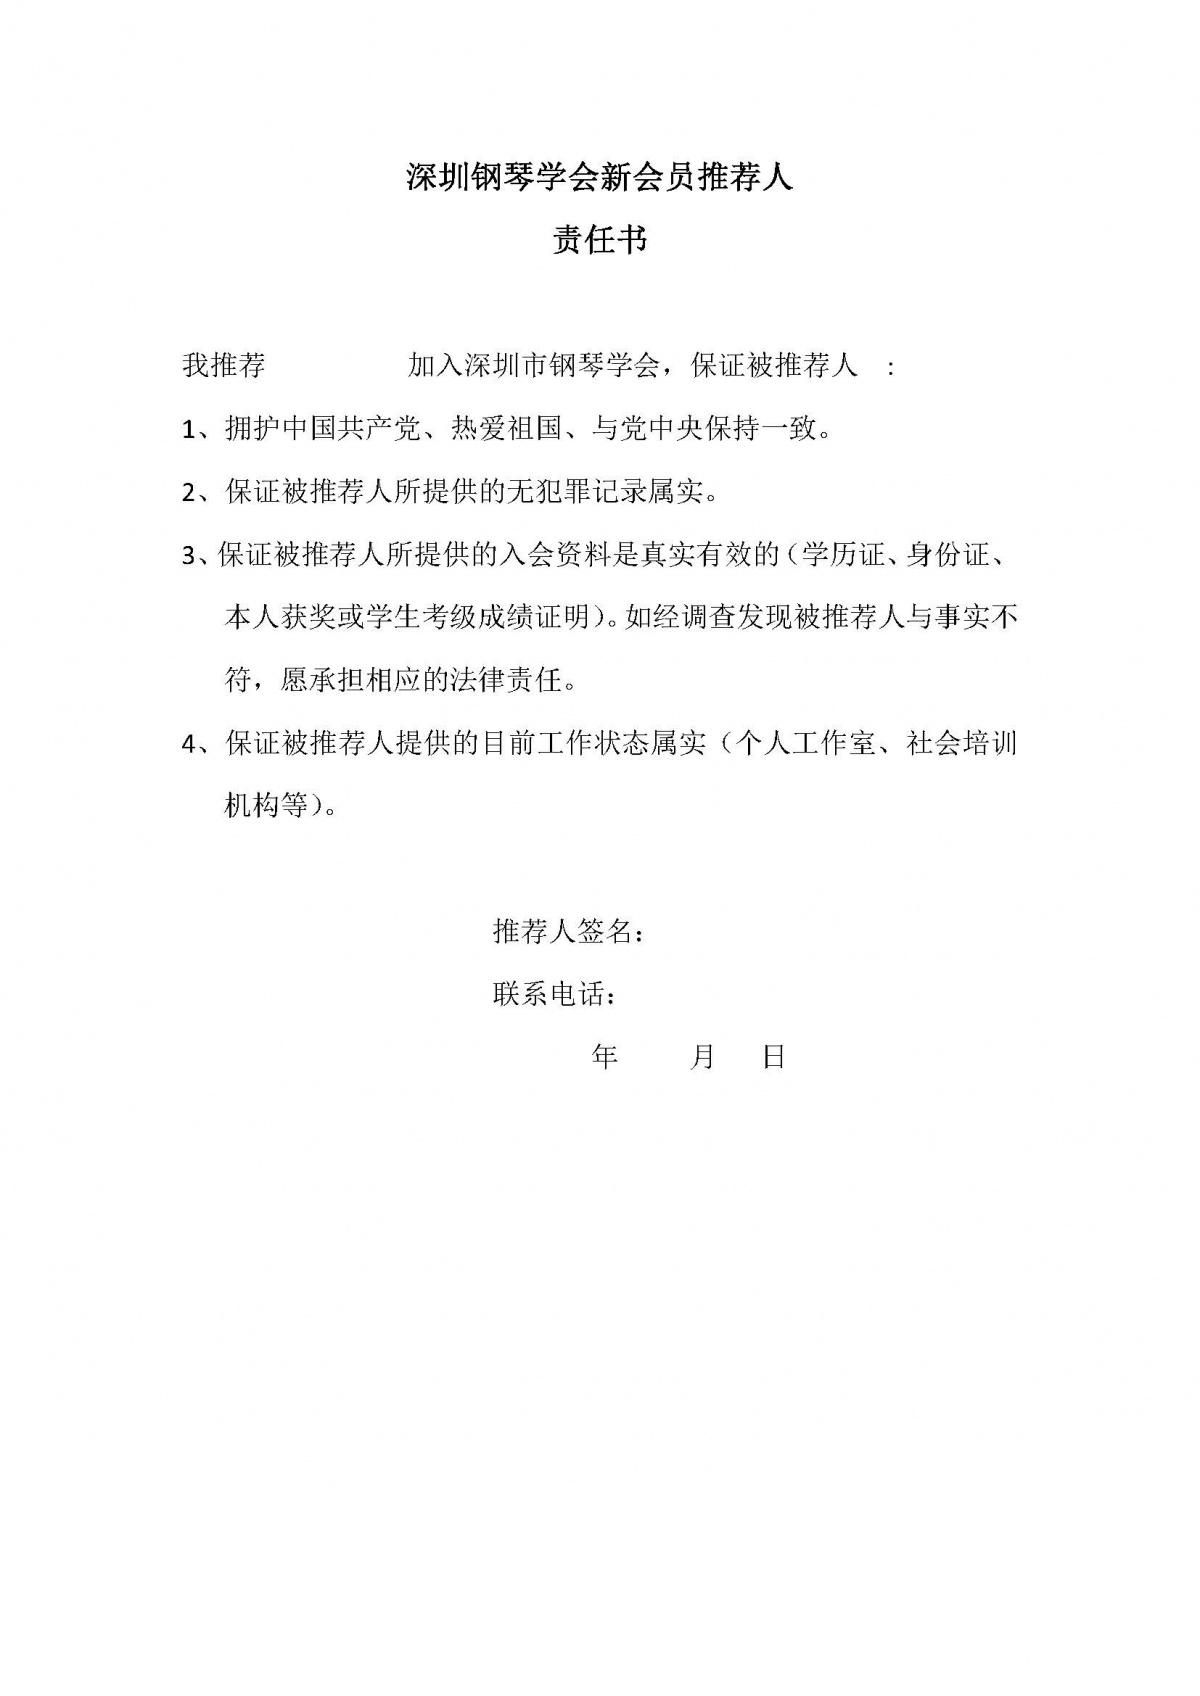 深圳钢琴学会新会员推荐人责任书.jpg